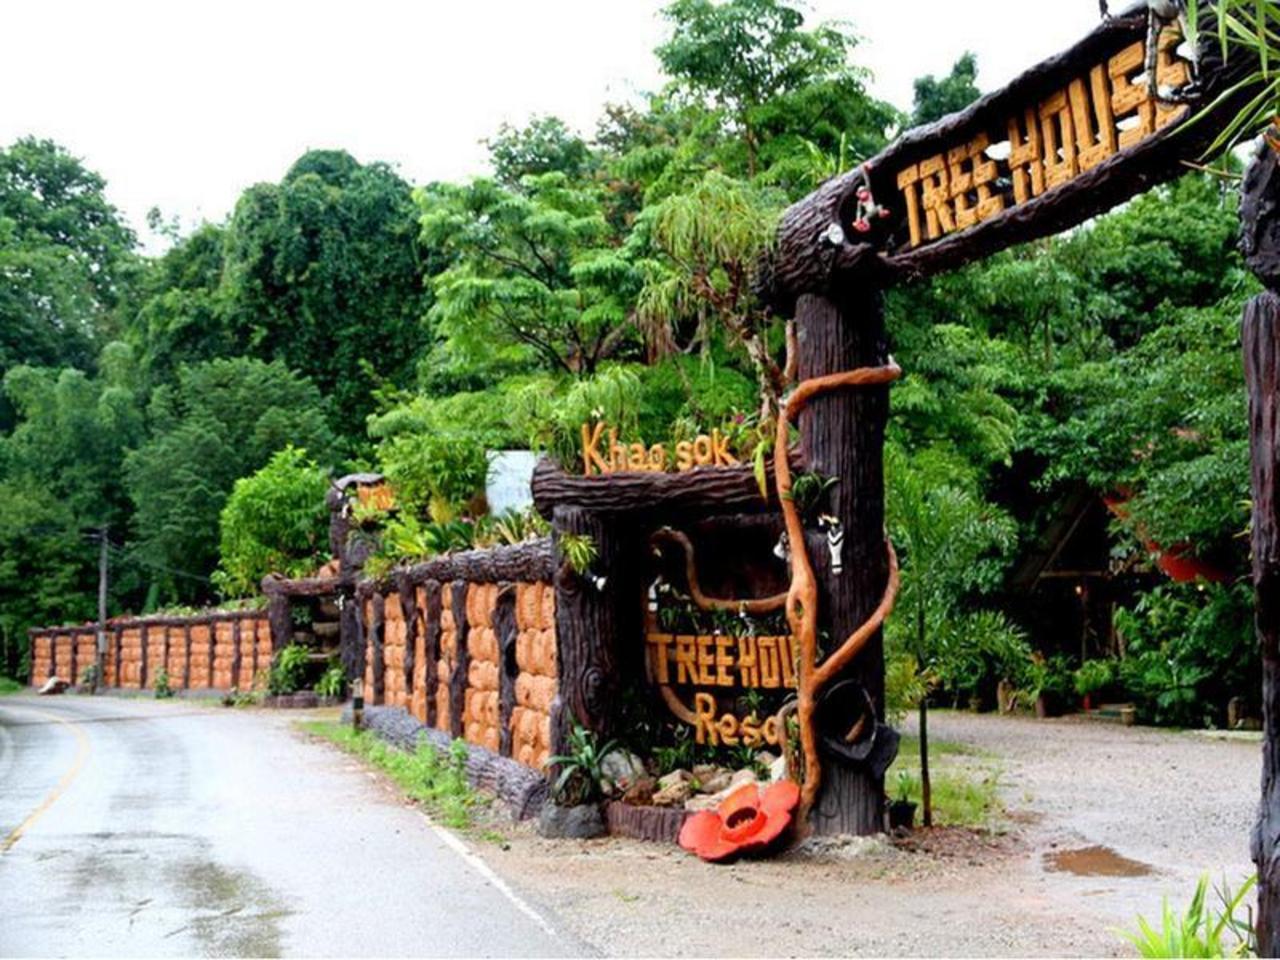 เขาสก ทรีเฮาส์ รีสอร์ต (Khaosok Treehouse Resort)